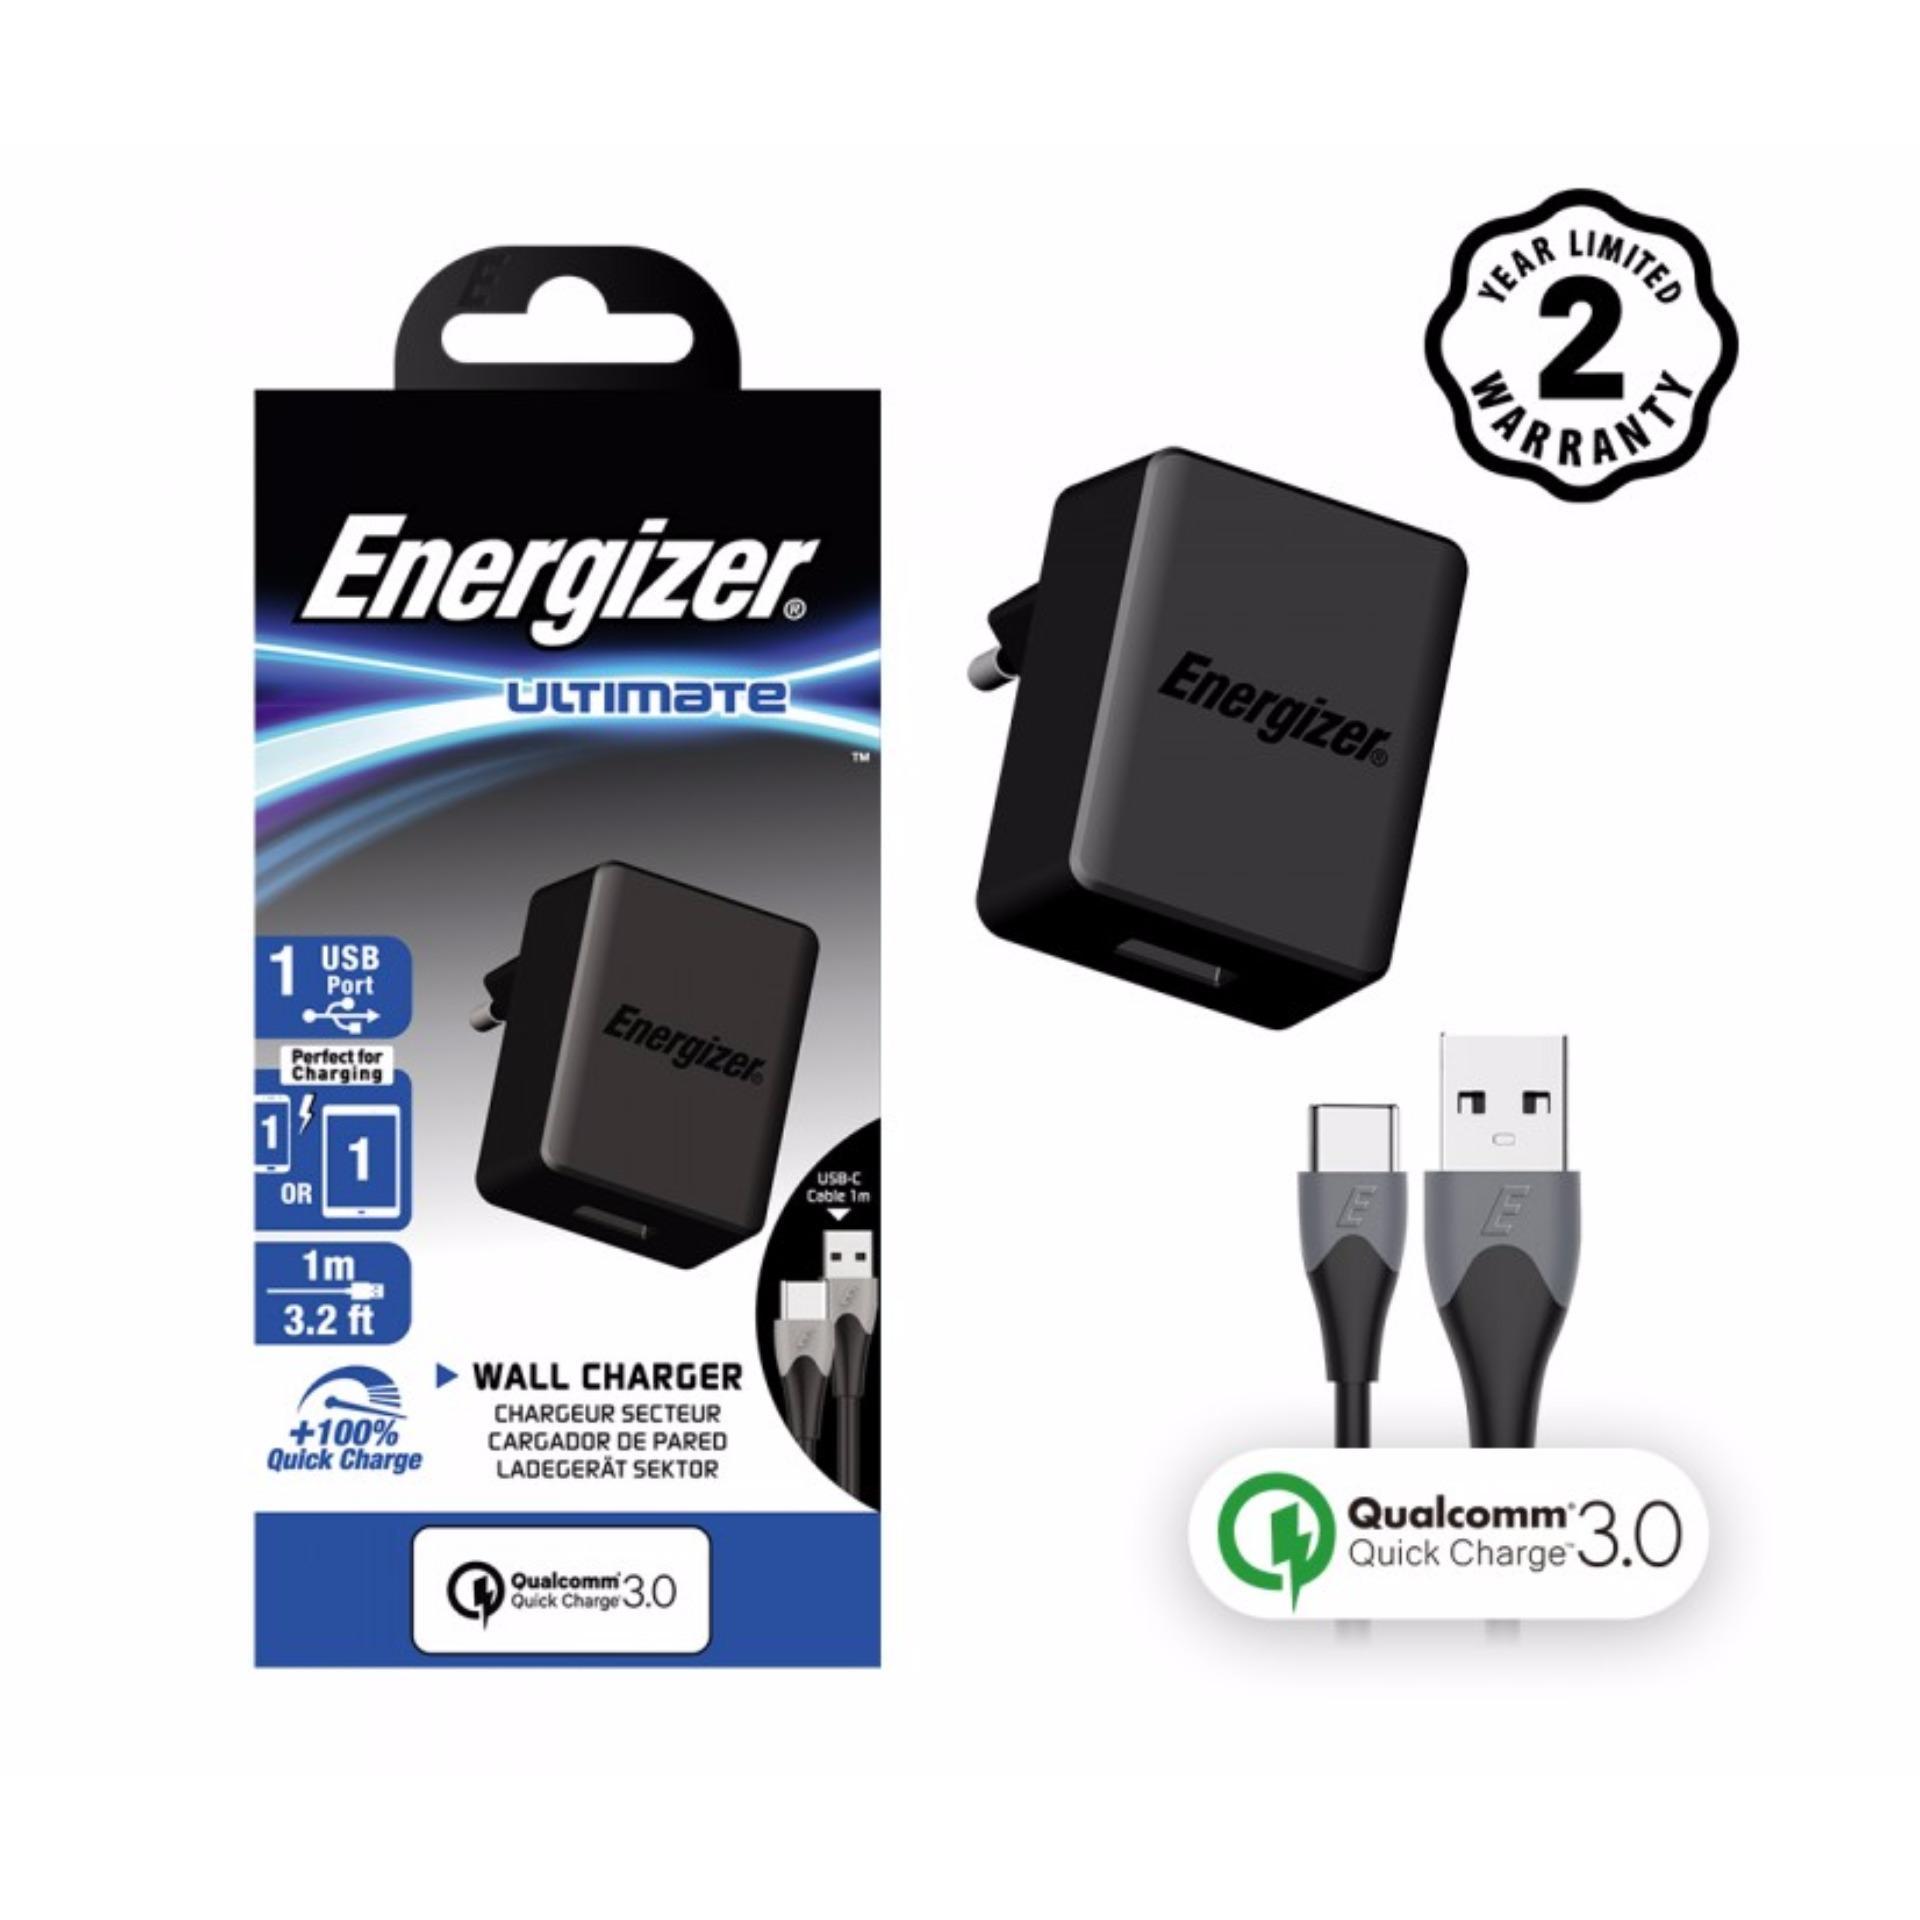 Sạc Energizer 1 cổng Quick Charge QC 3.0 18W kèm cáp USB Type C - AC1Q3EUUC23 - Hãng phân phối chính thức